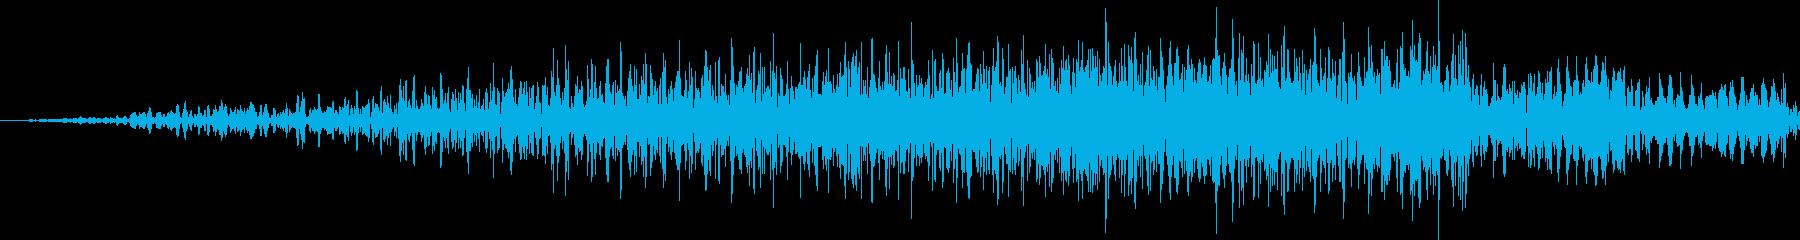 ヒューシュフラッシュバックリバース...の再生済みの波形